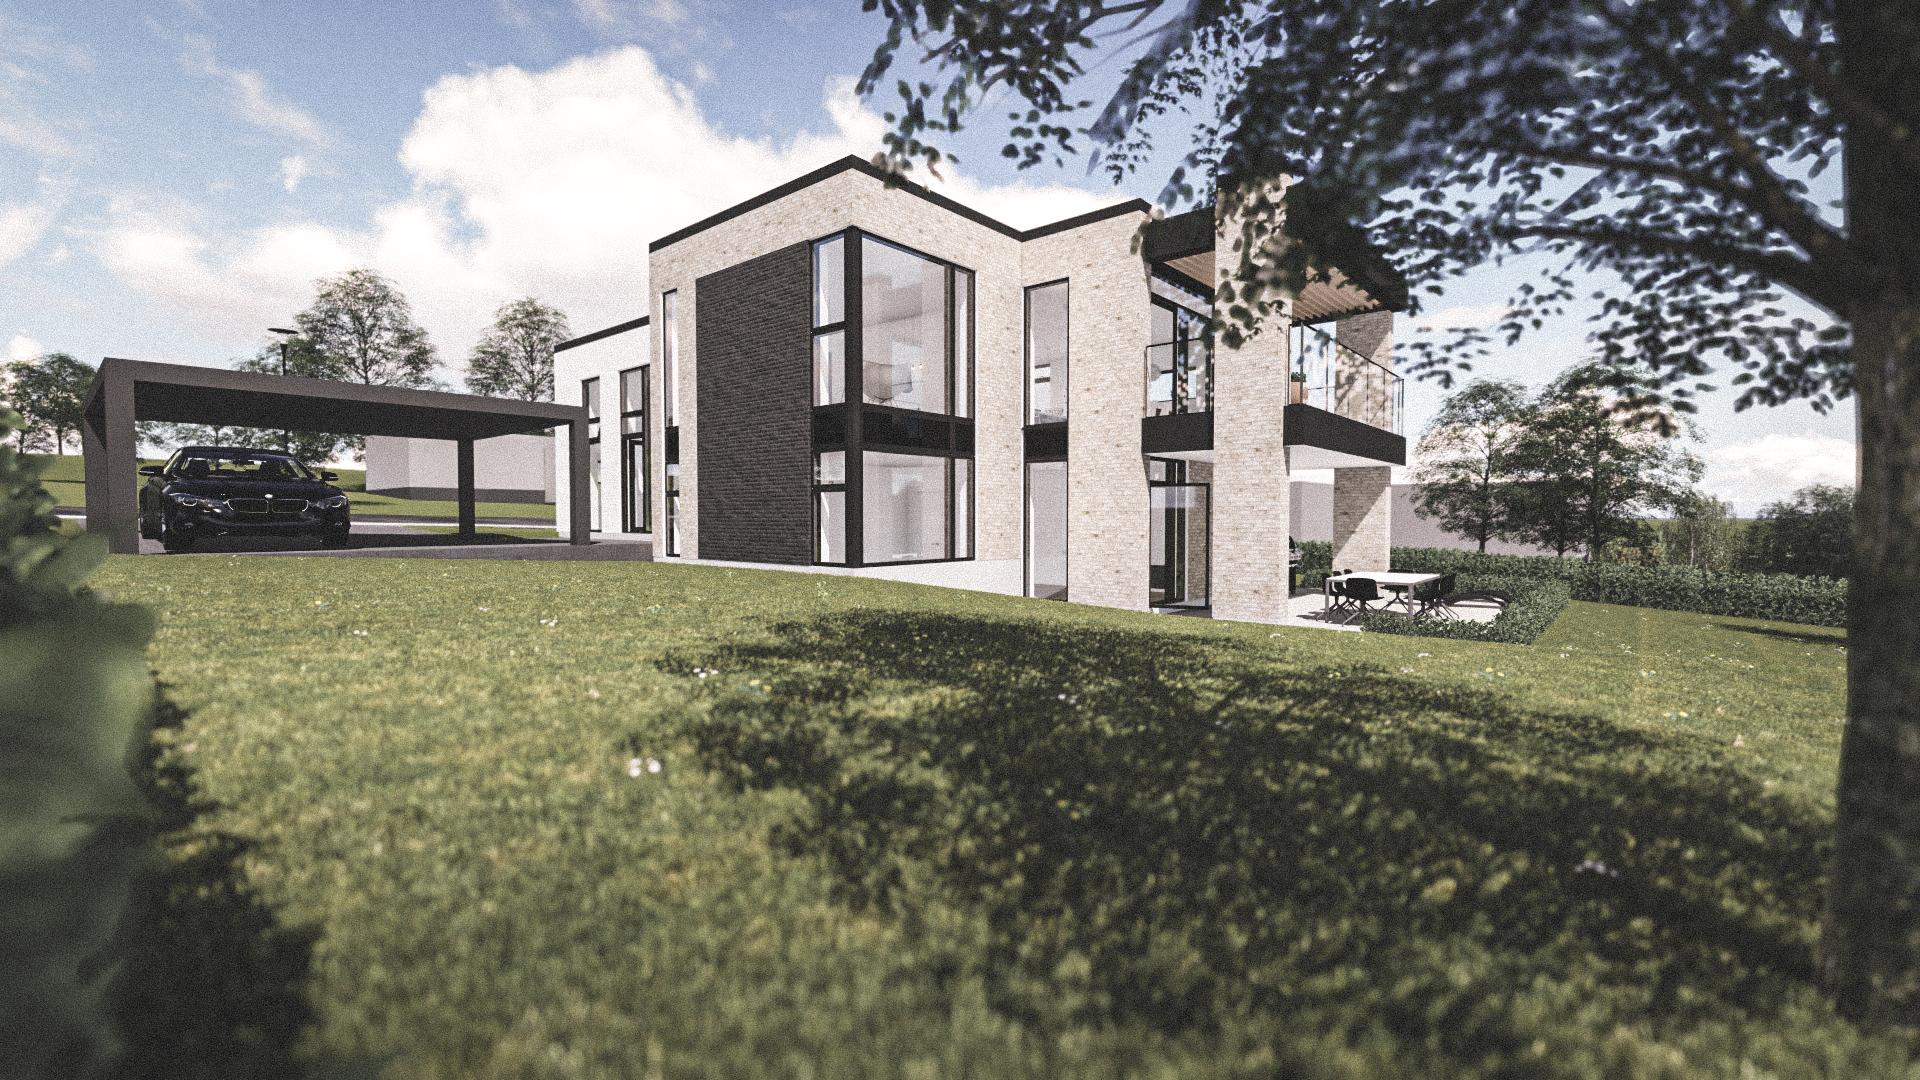 Billede af Dansk arkitekttegnet parterreplan villa af arkitektfirmaet m2plus, i Viborg på 228 kvartratmeter.